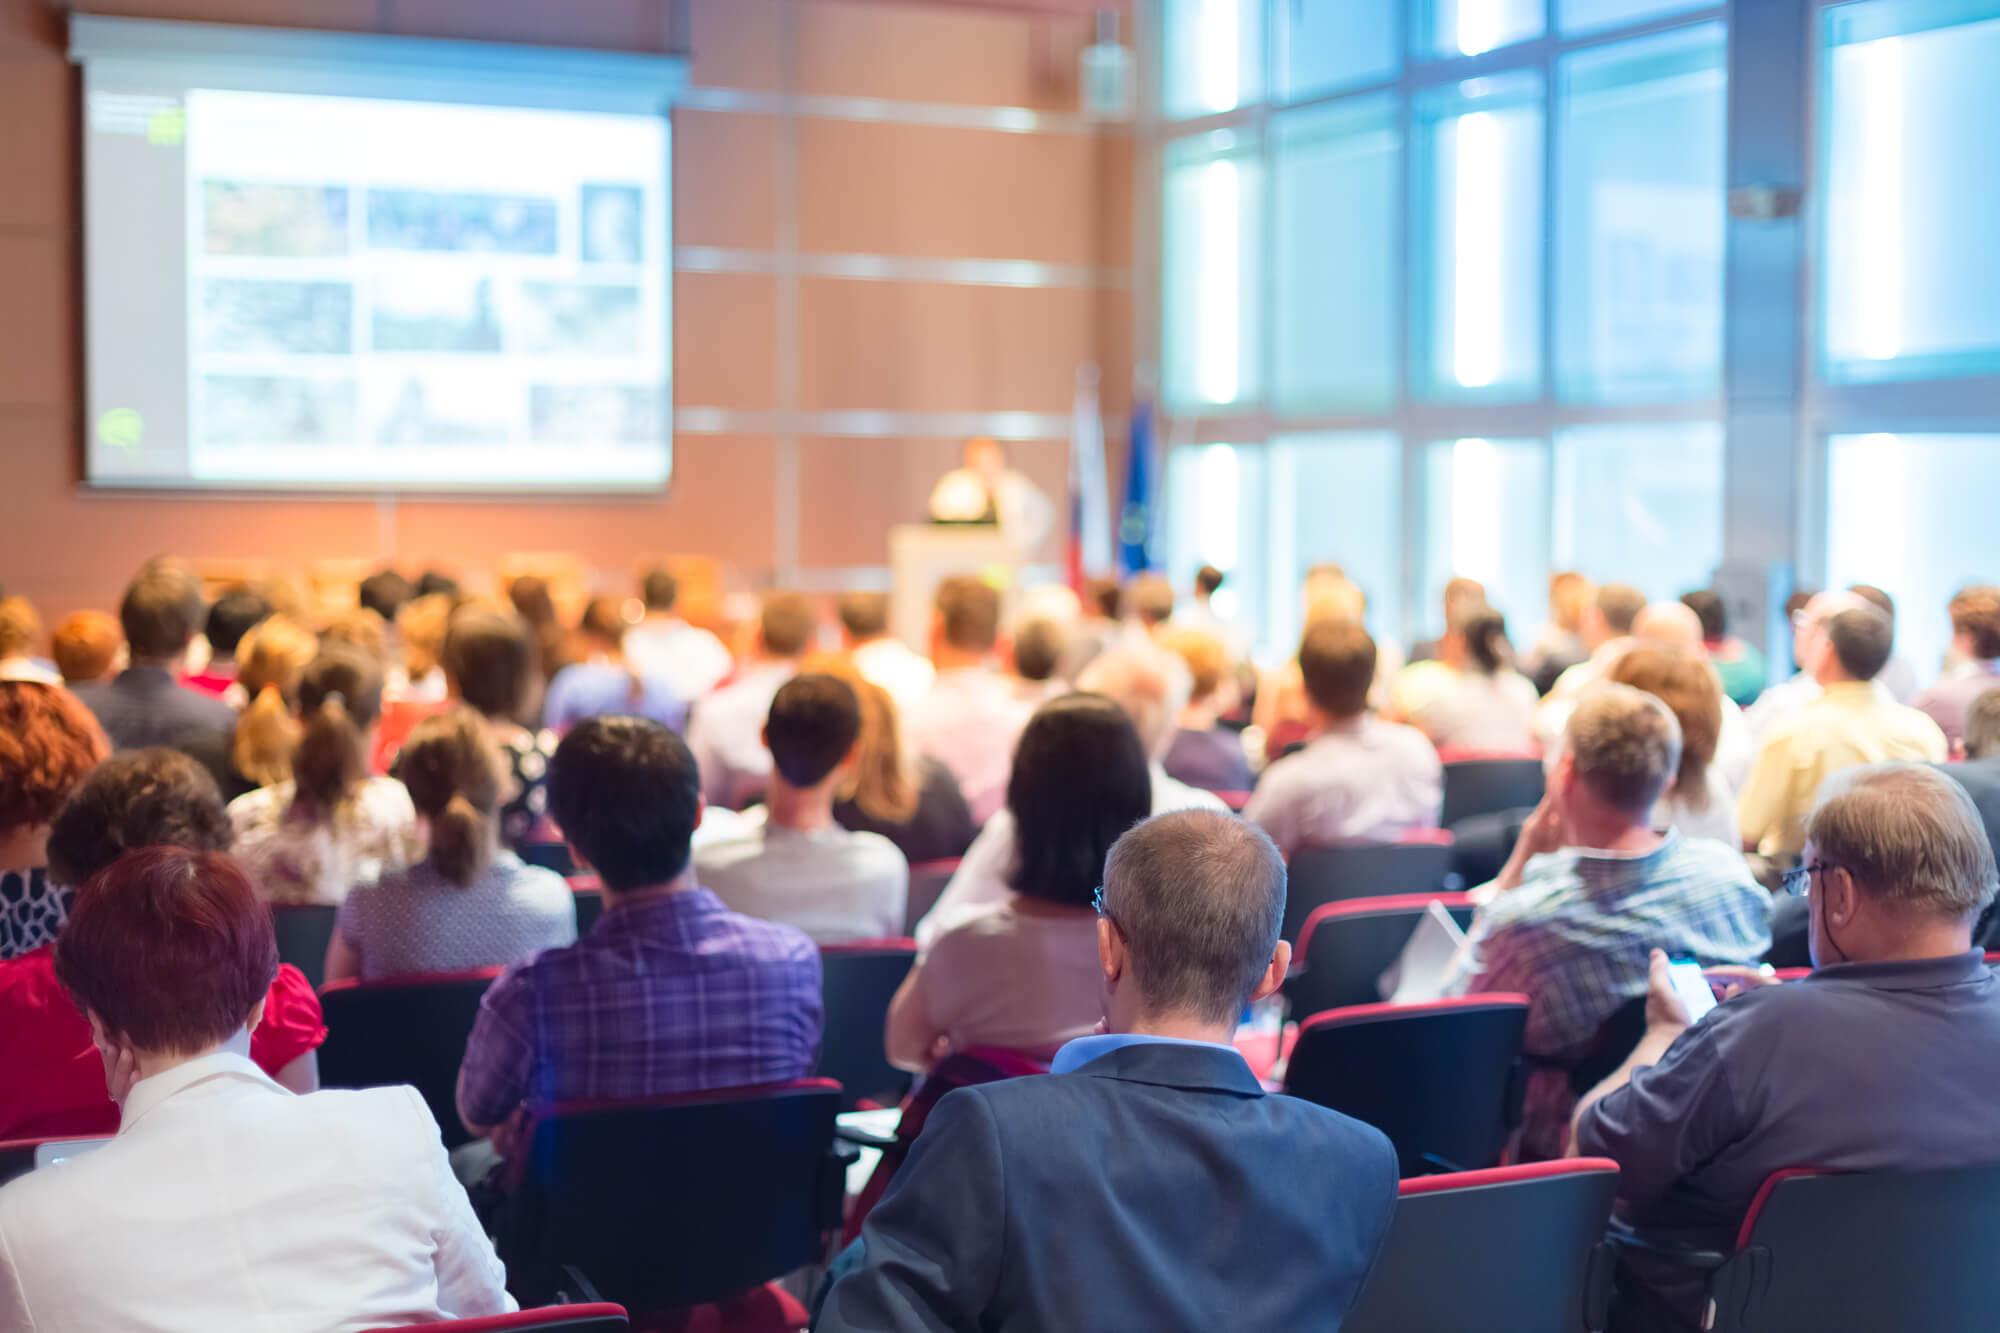 Como manter a organização de um evento enquanto ele é realizado?